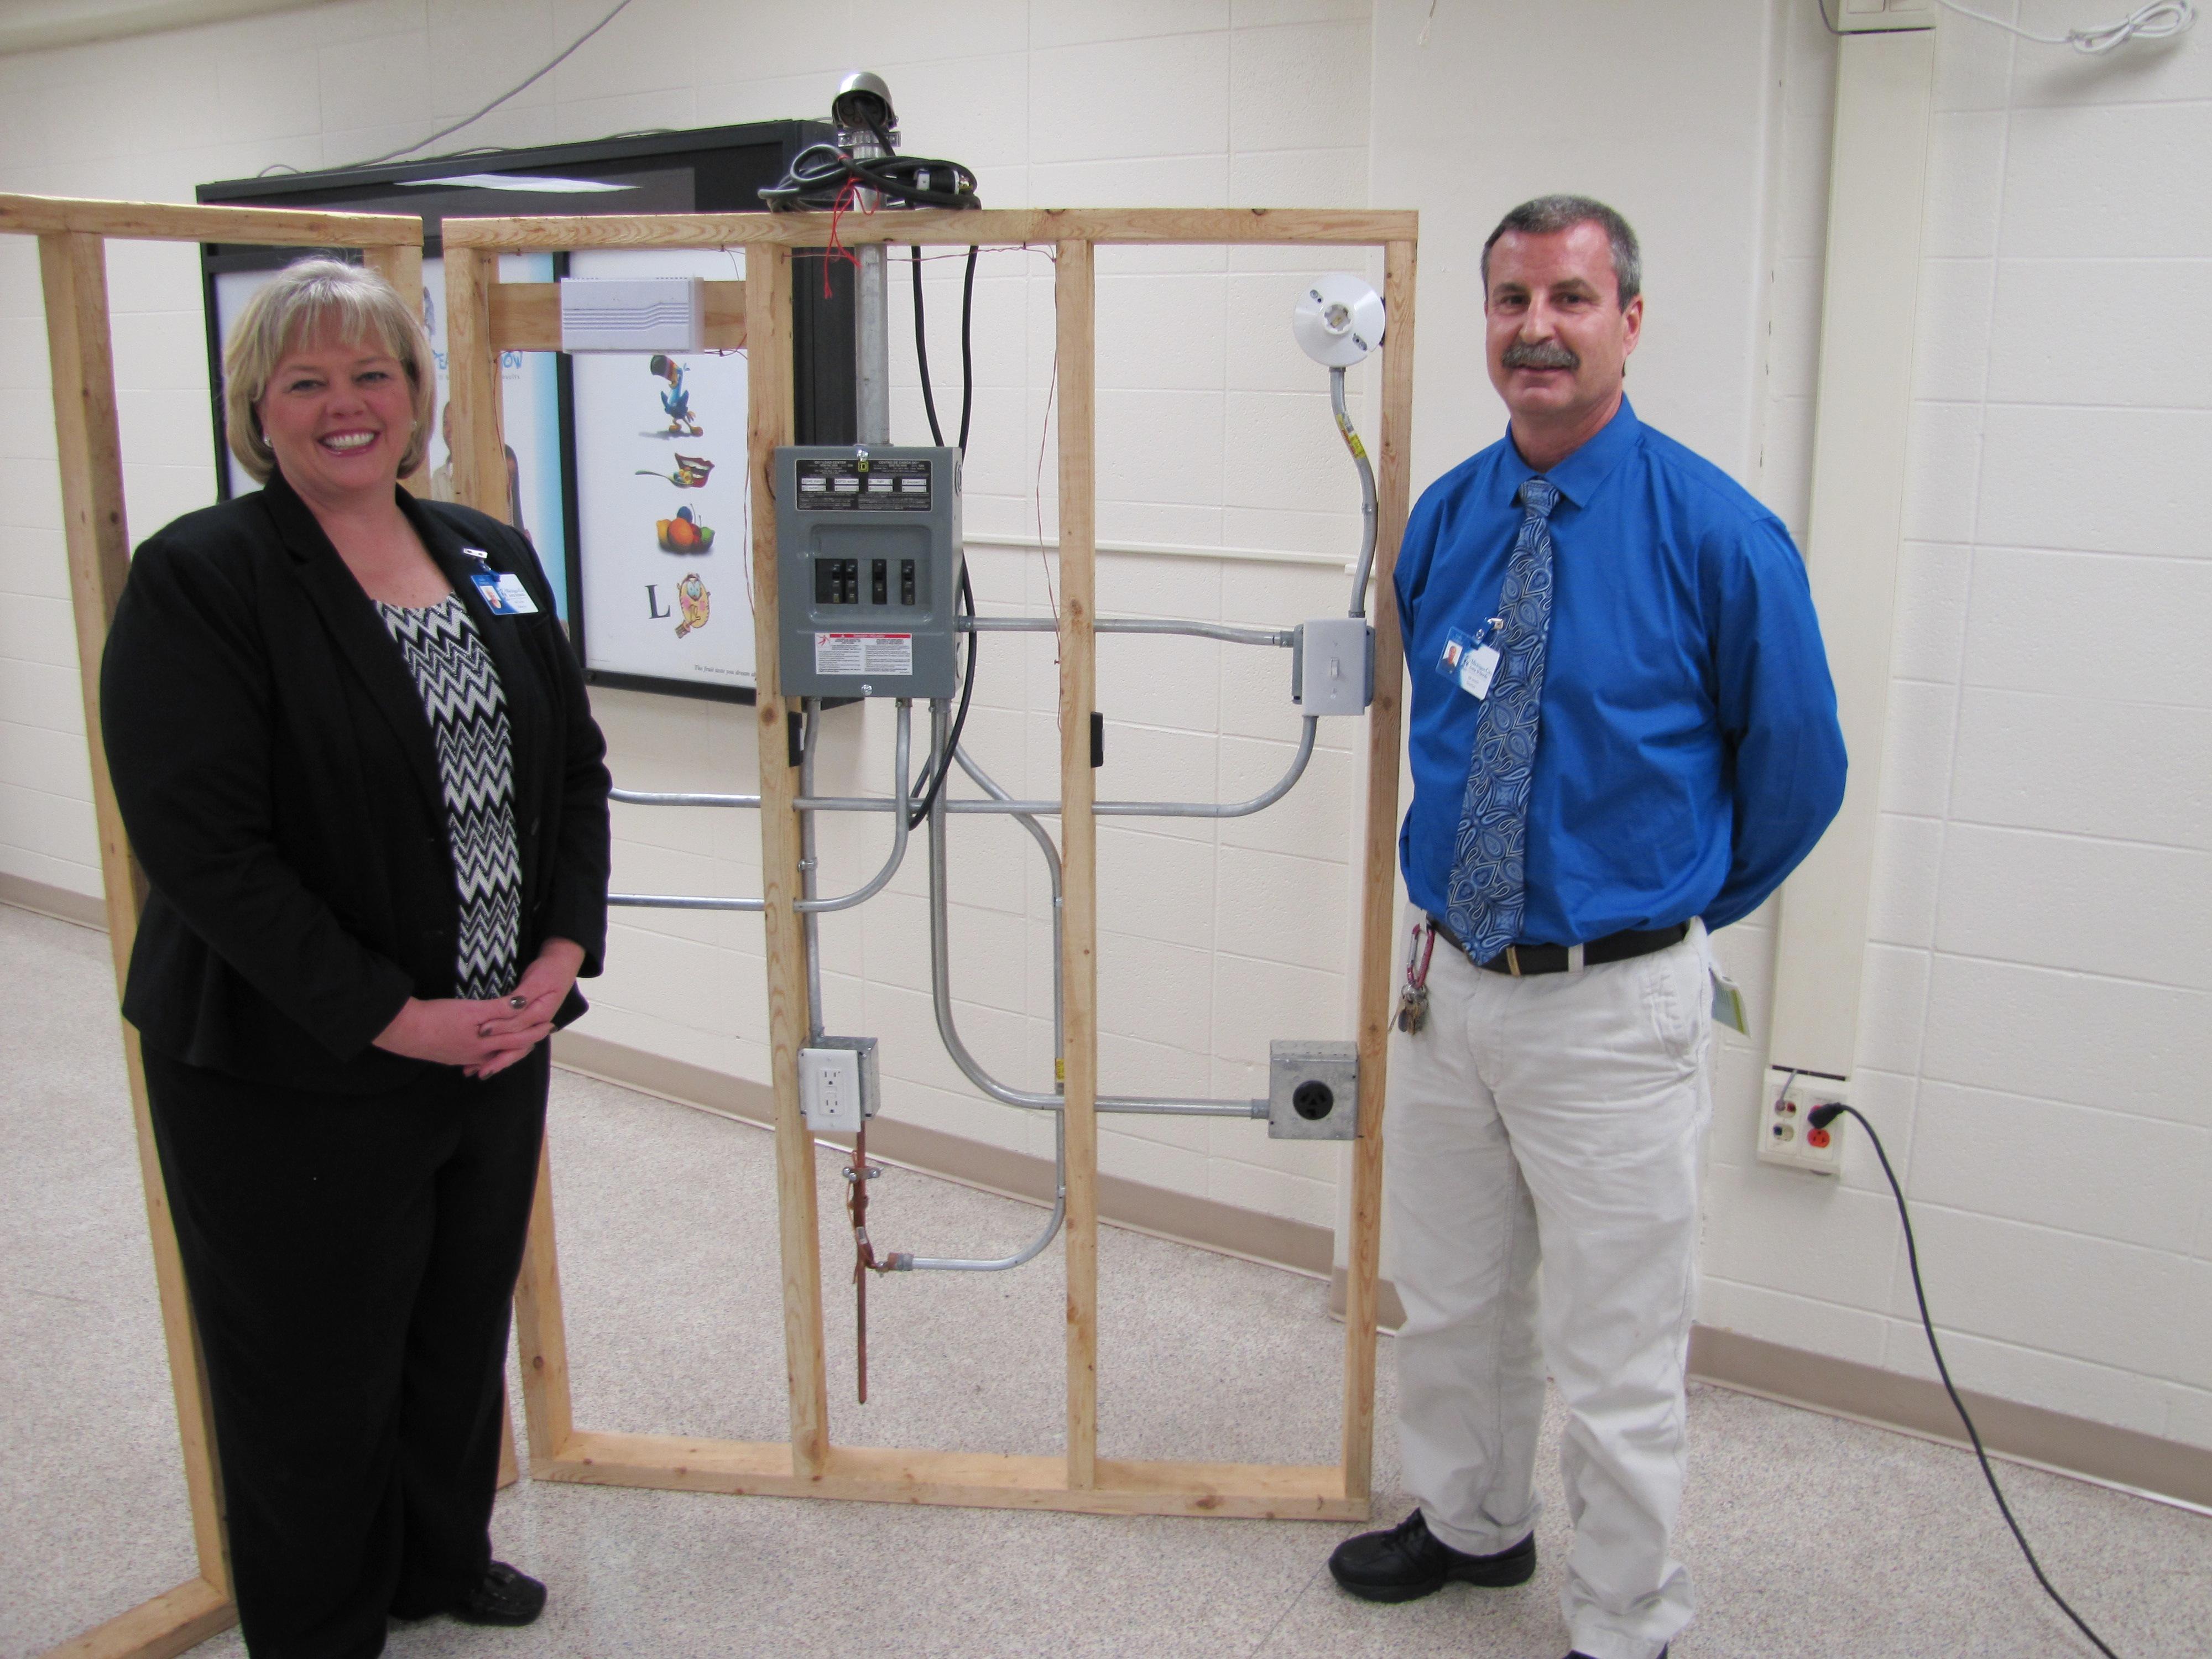 La Porte County Career & Technical Education, NIPSCO Announce Energy Academy Partnership